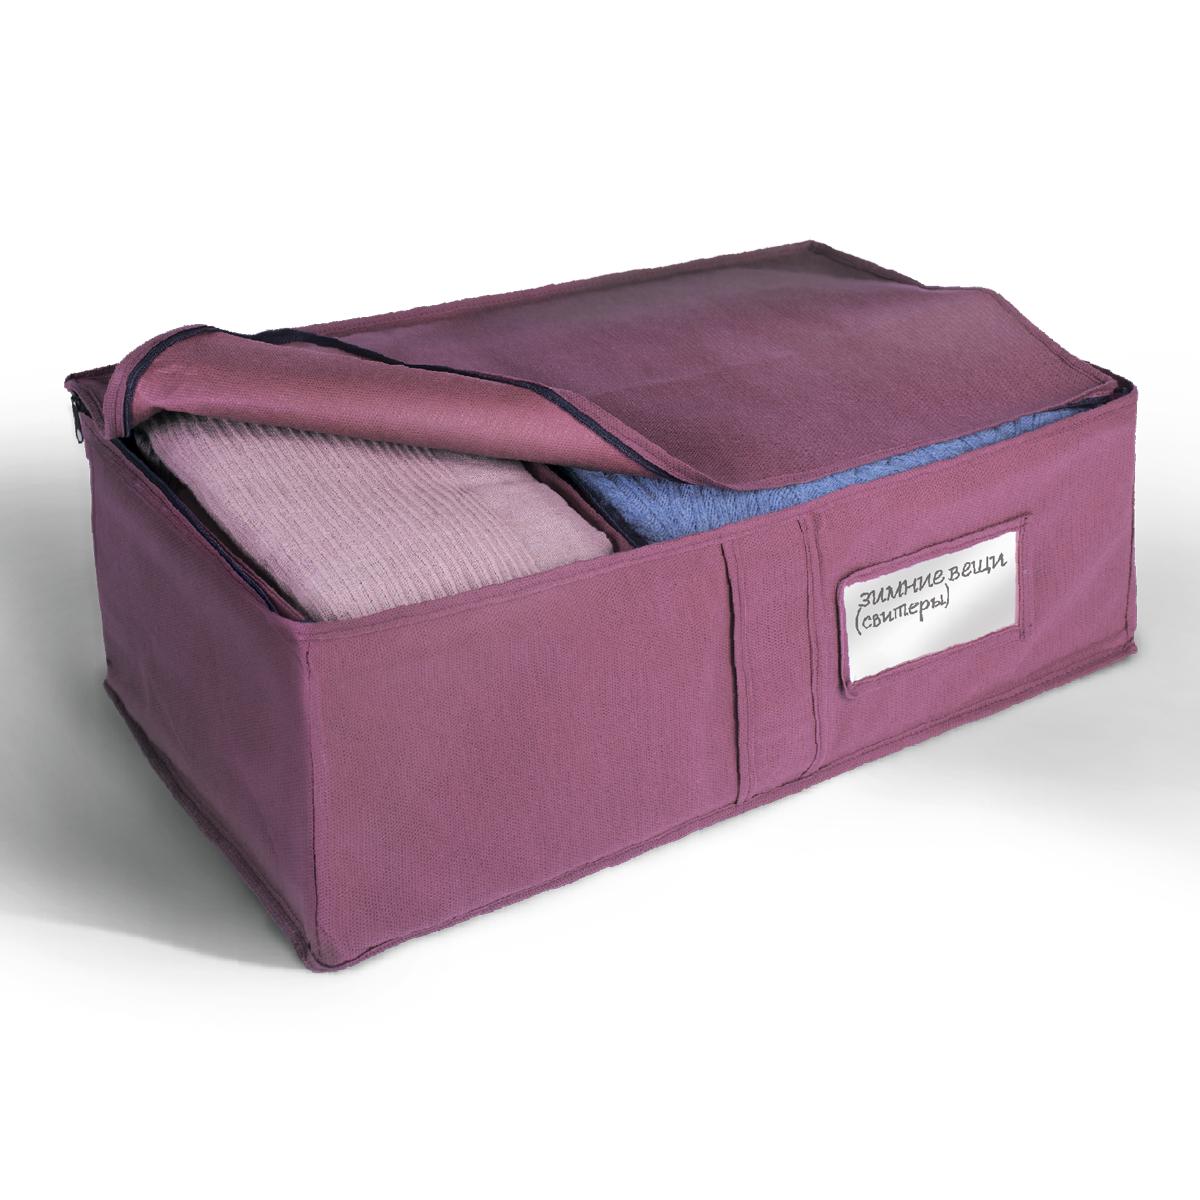 """Компактный складной кофр """"Miolla"""" изготовлен из высококачественногонетканого материала, которыйобеспечивает естественную вентиляцию, позволяя воздуху проникать внутрь,но не пропускает пыль. Изделие закрывается на молнию. Размер кофра (в собранном виде): 60 x 30 x 20 см."""